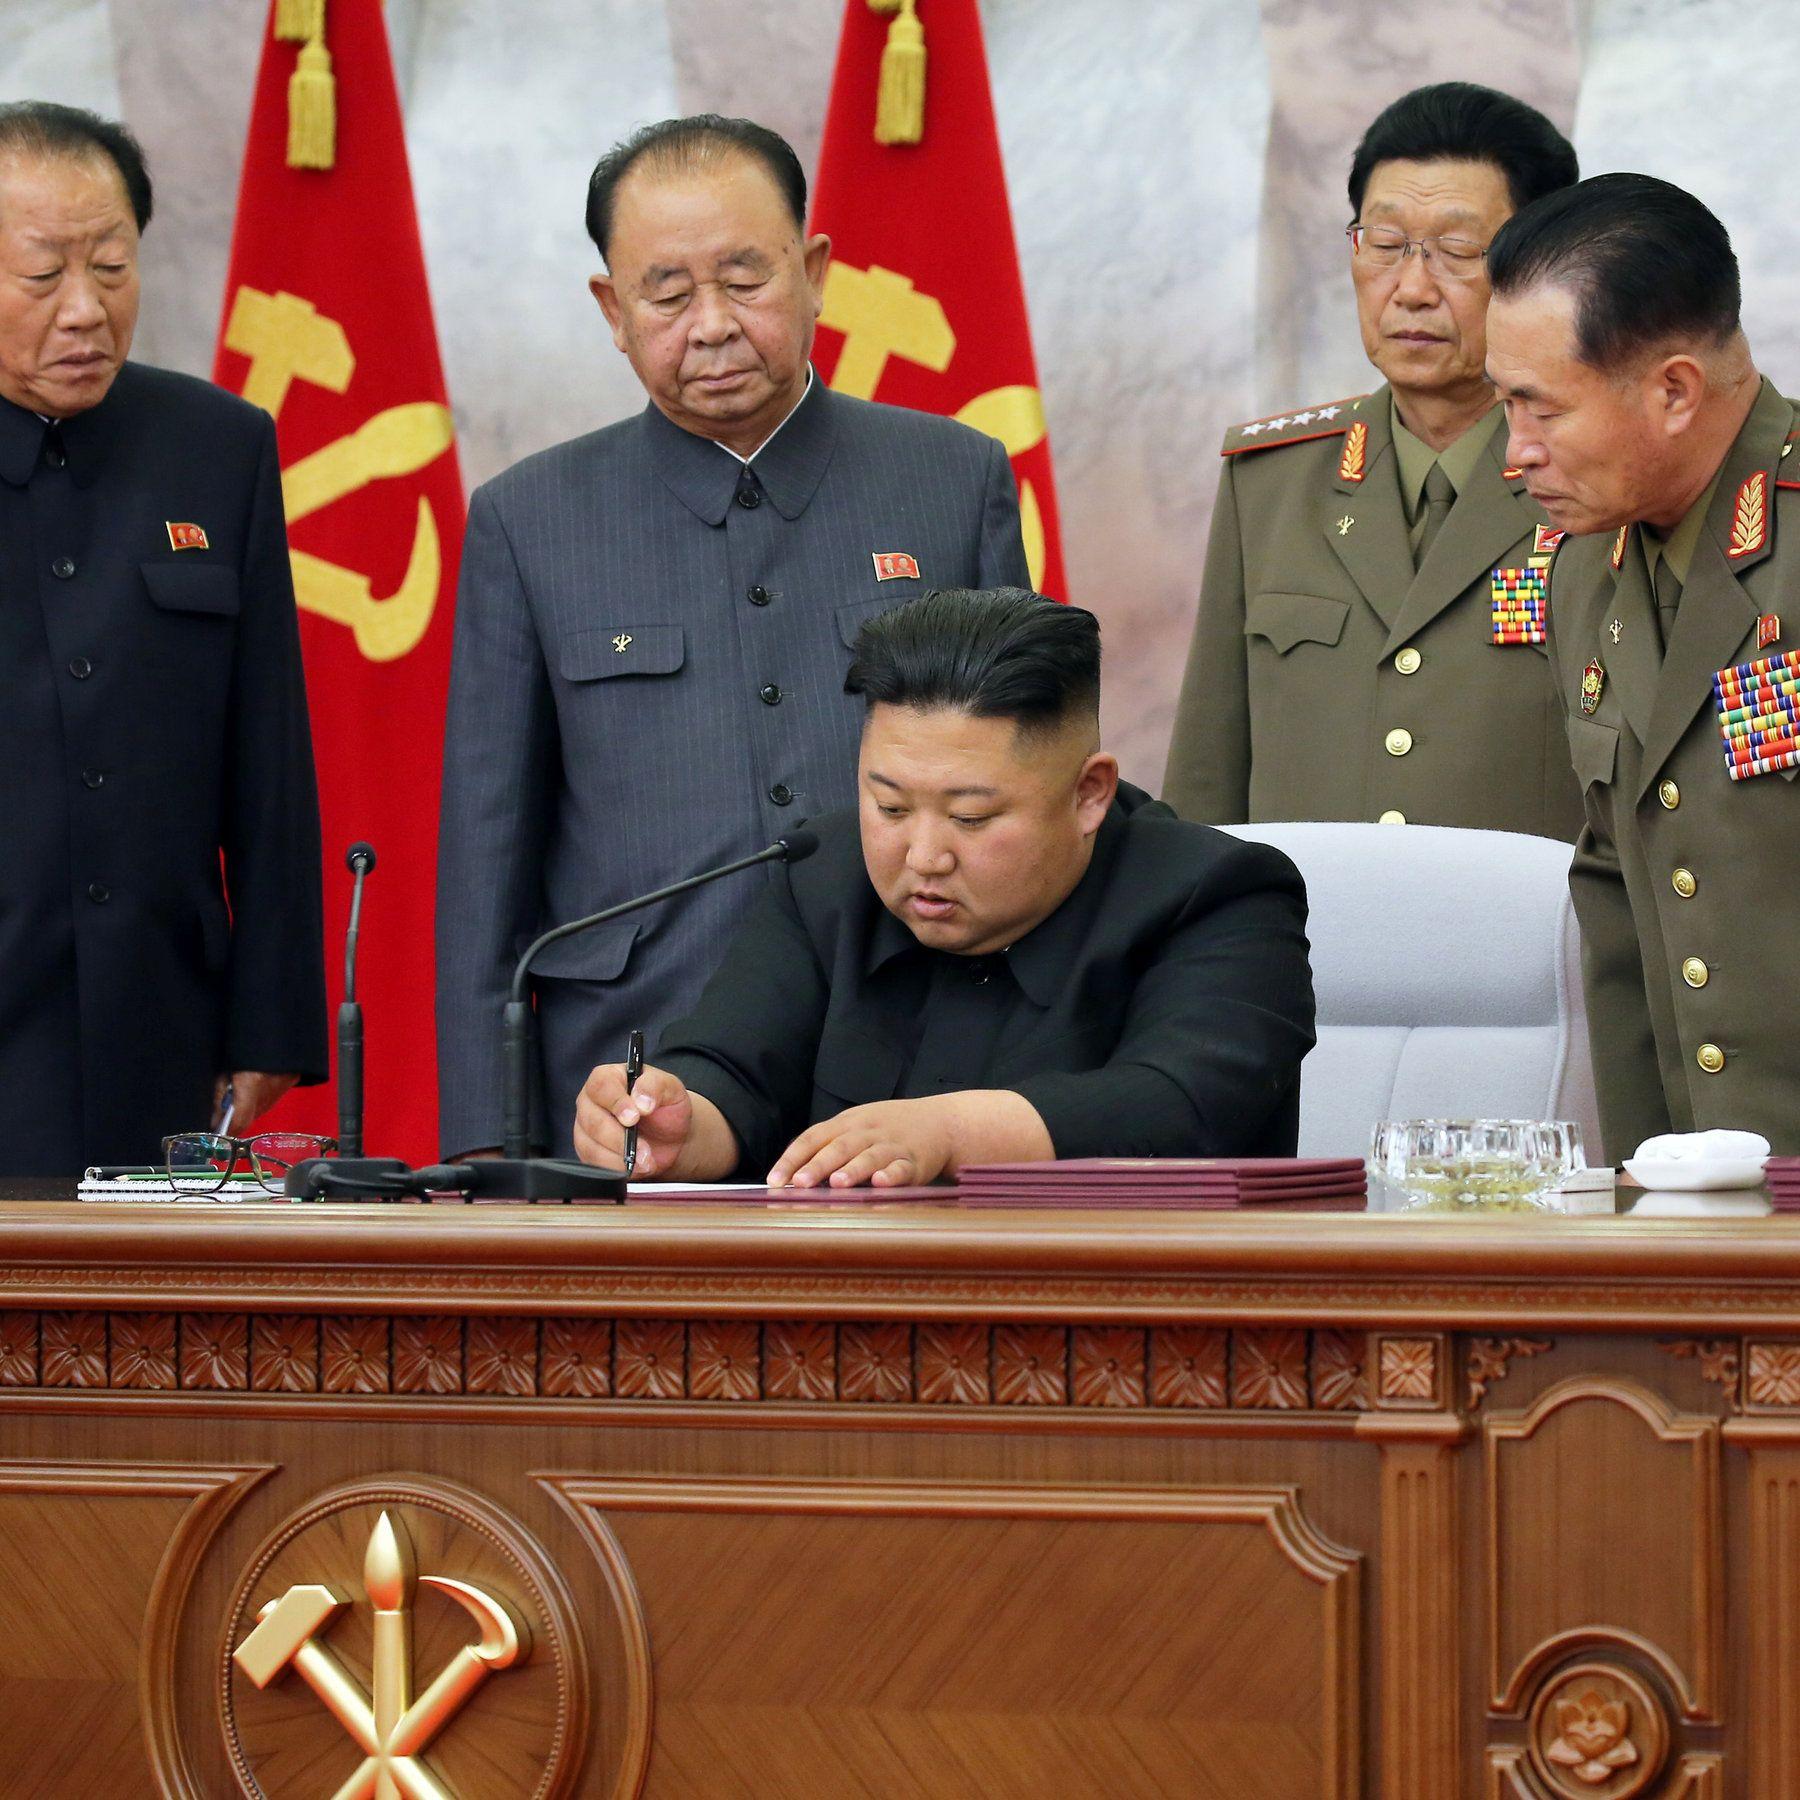 Aturan Baru Korea Utara: Nonton Drama Korea Siap-Siap Dieksekusi!